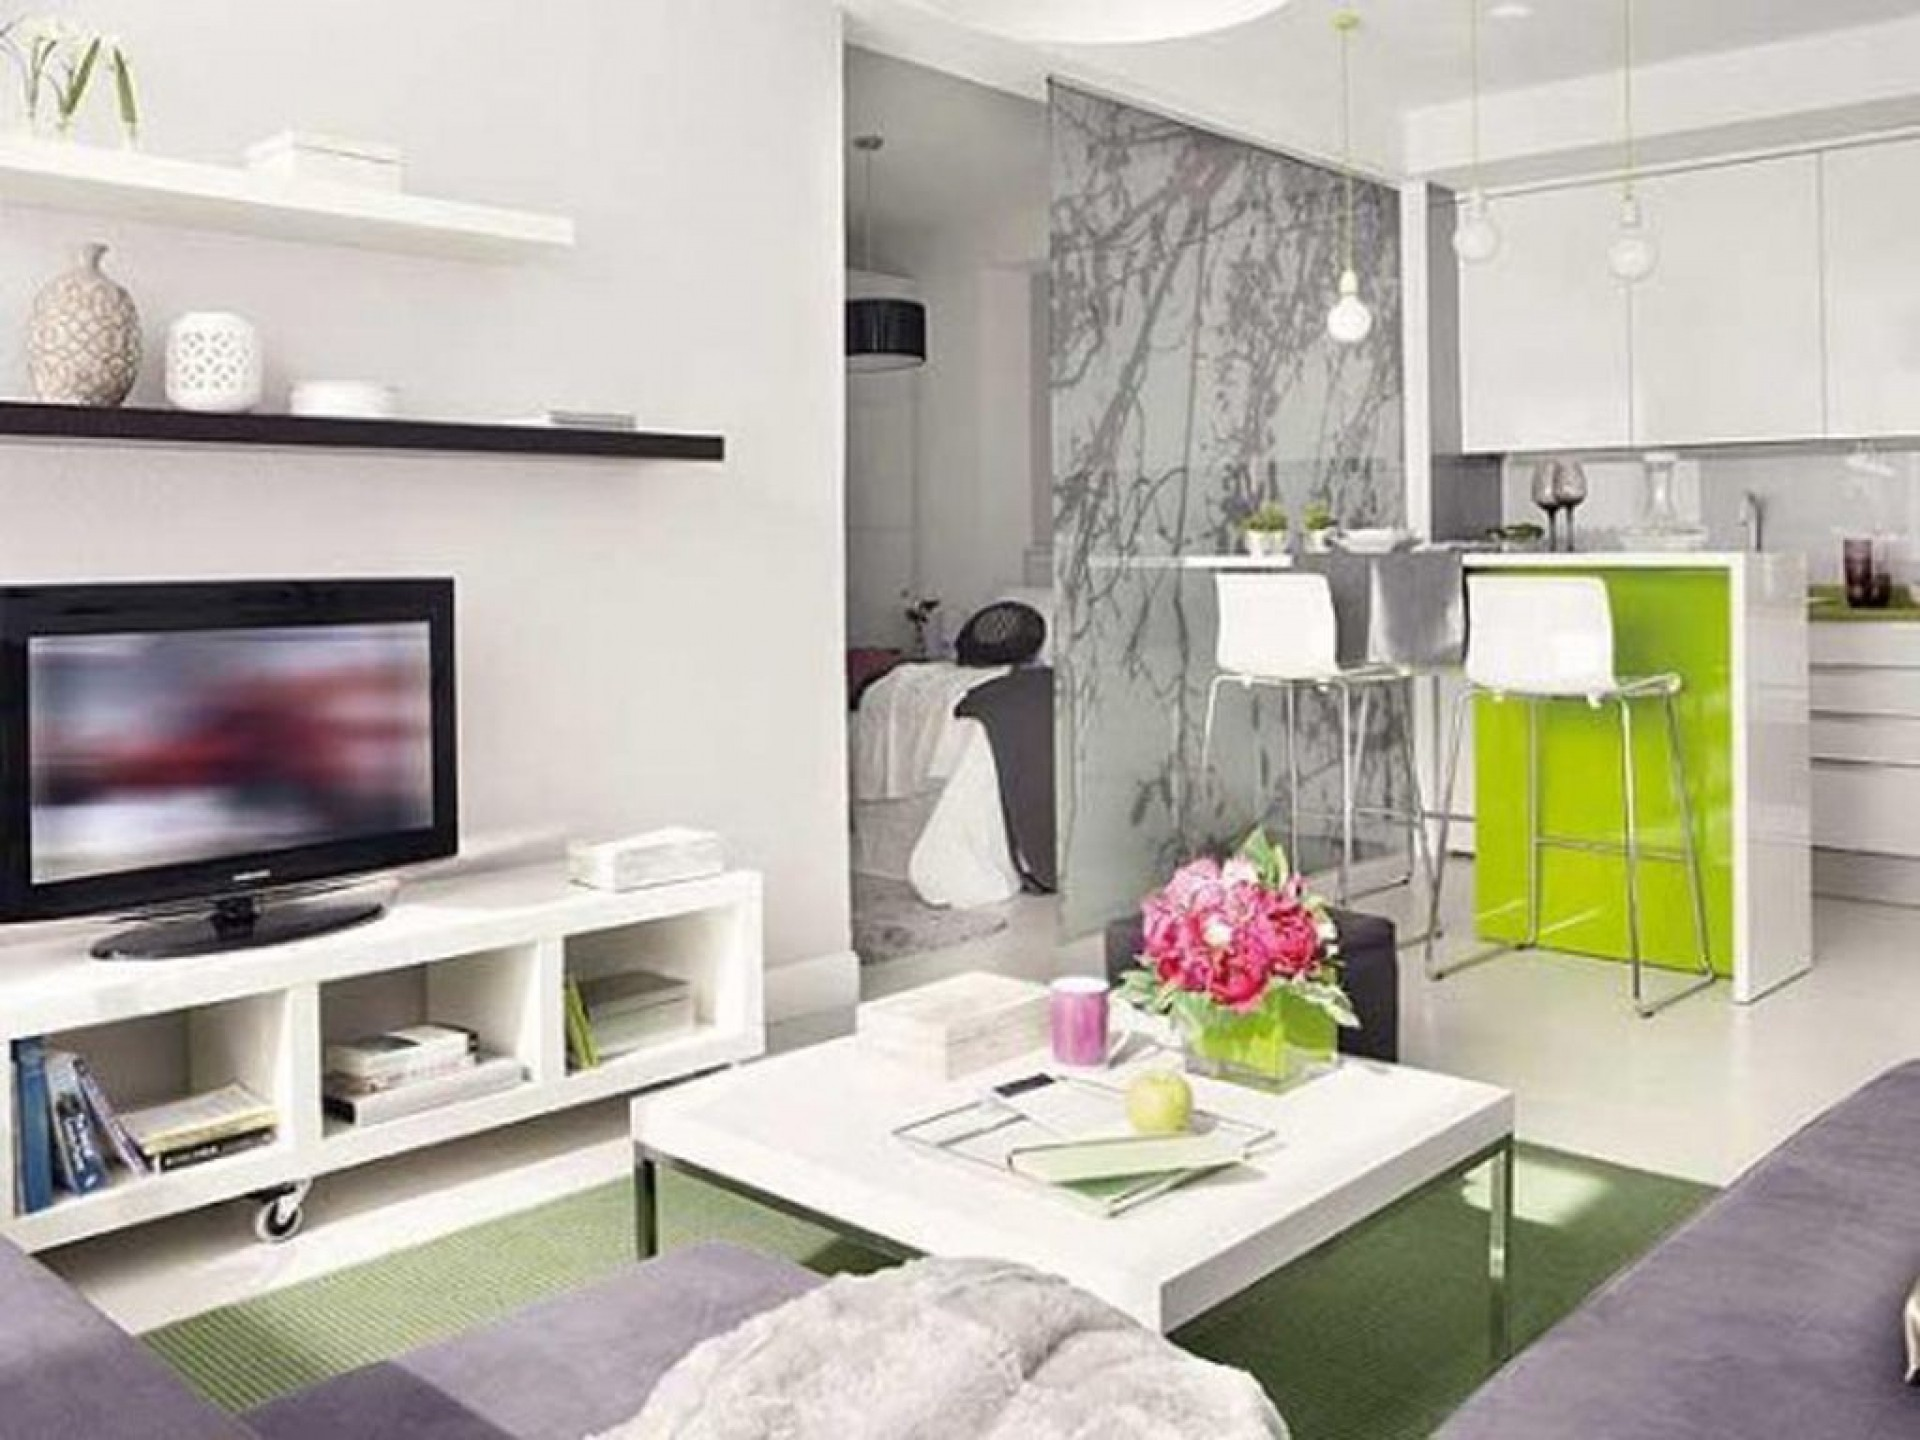 Квартира-студия 25 кв. м в стиле хай-тек